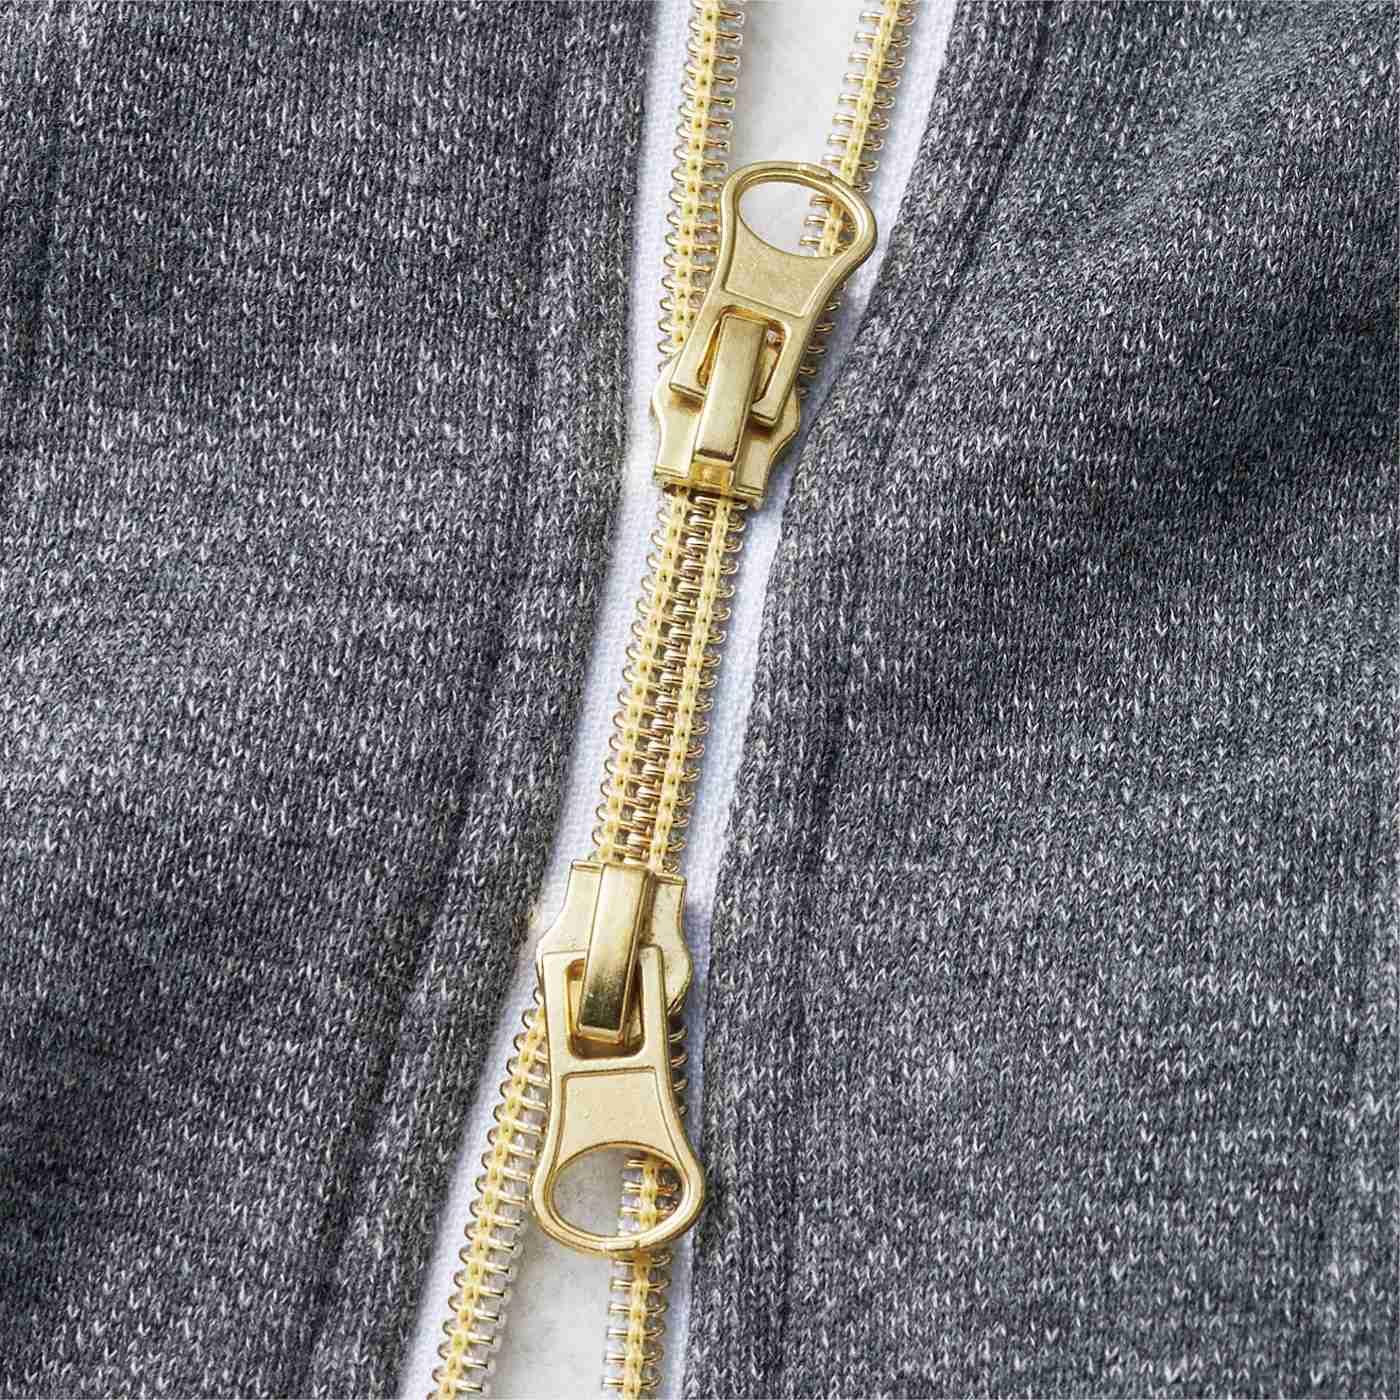 すそが開閉できる女性らしいゴールドカラーのダブルジップですっきり見せ&脚さばきも◎。